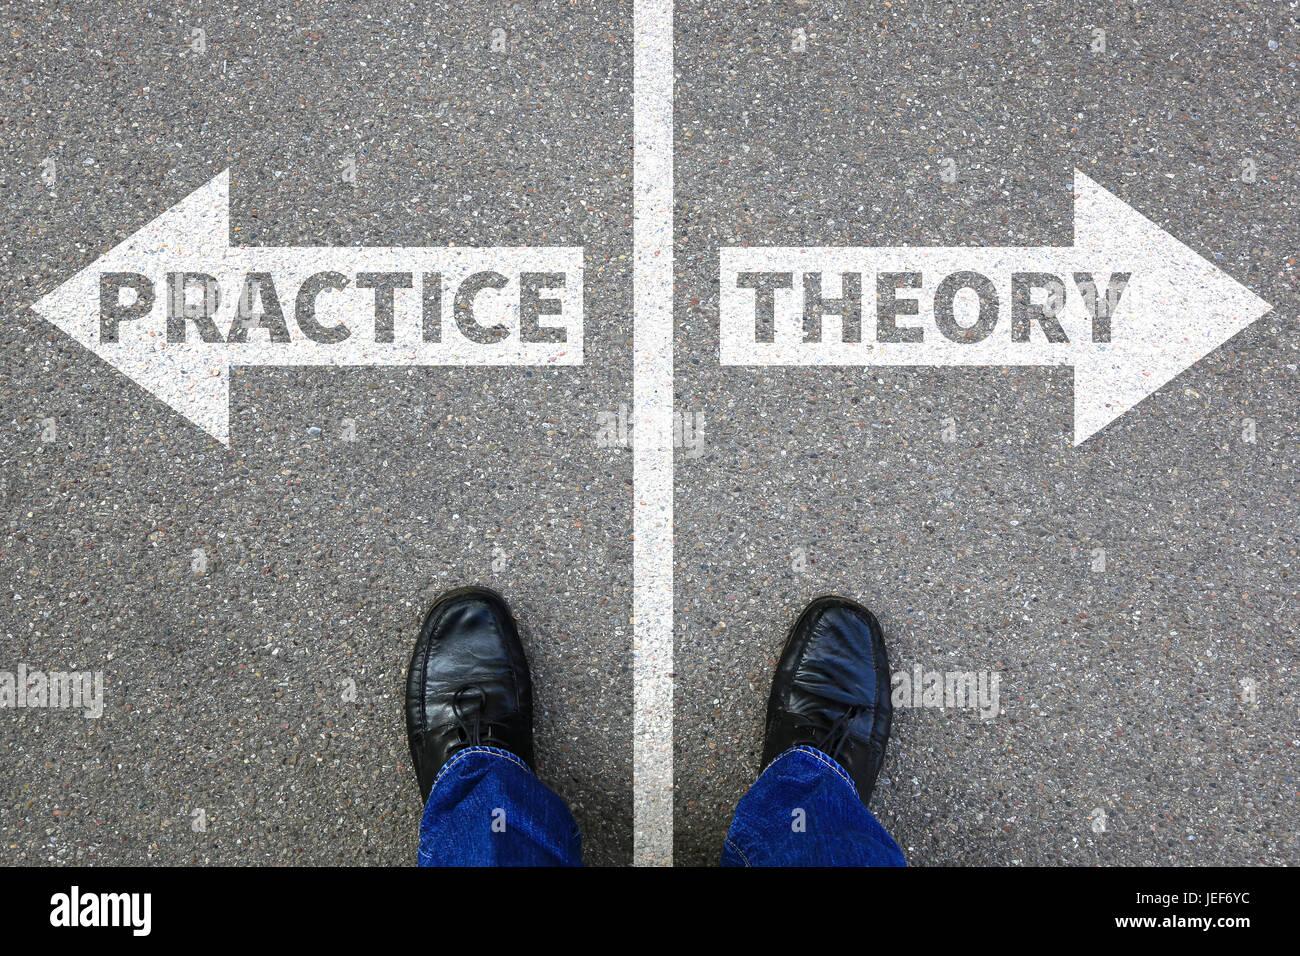 La teoría y la práctica de la profesión de enseñanza aprendizaje exitoso concepto de negocio Imagen De Stock